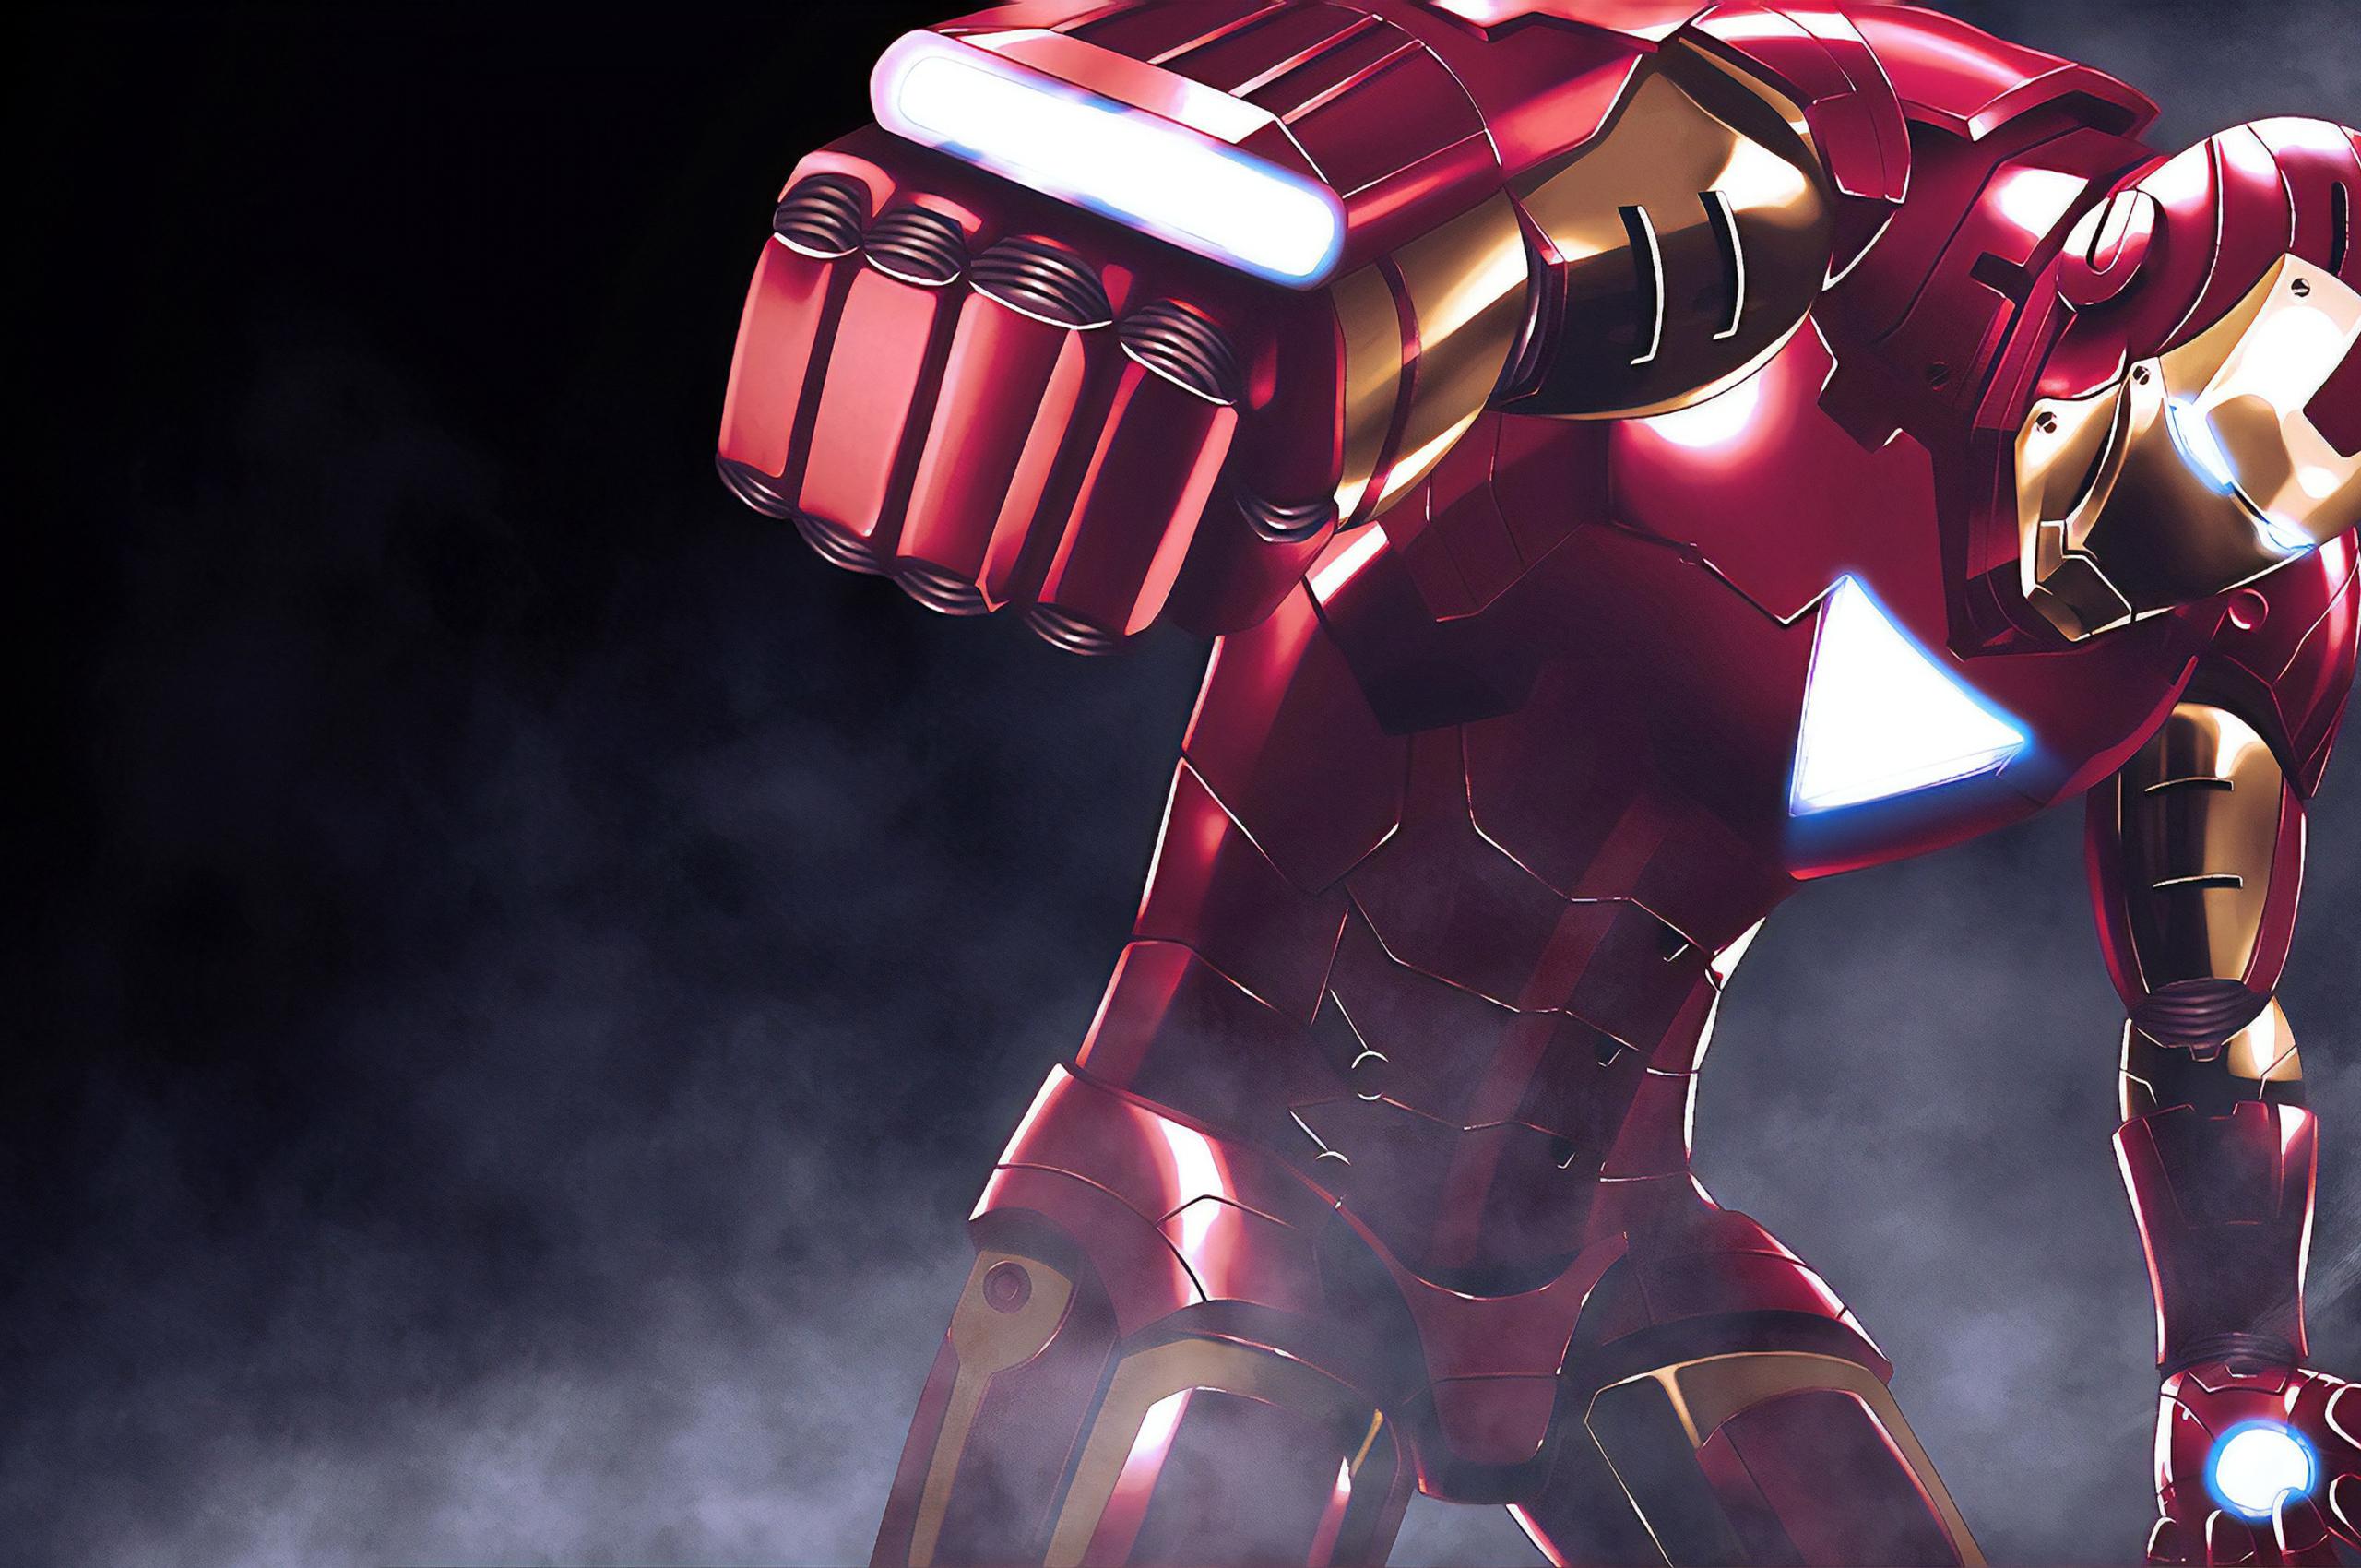 2019-art-iron-man-d8.jpg